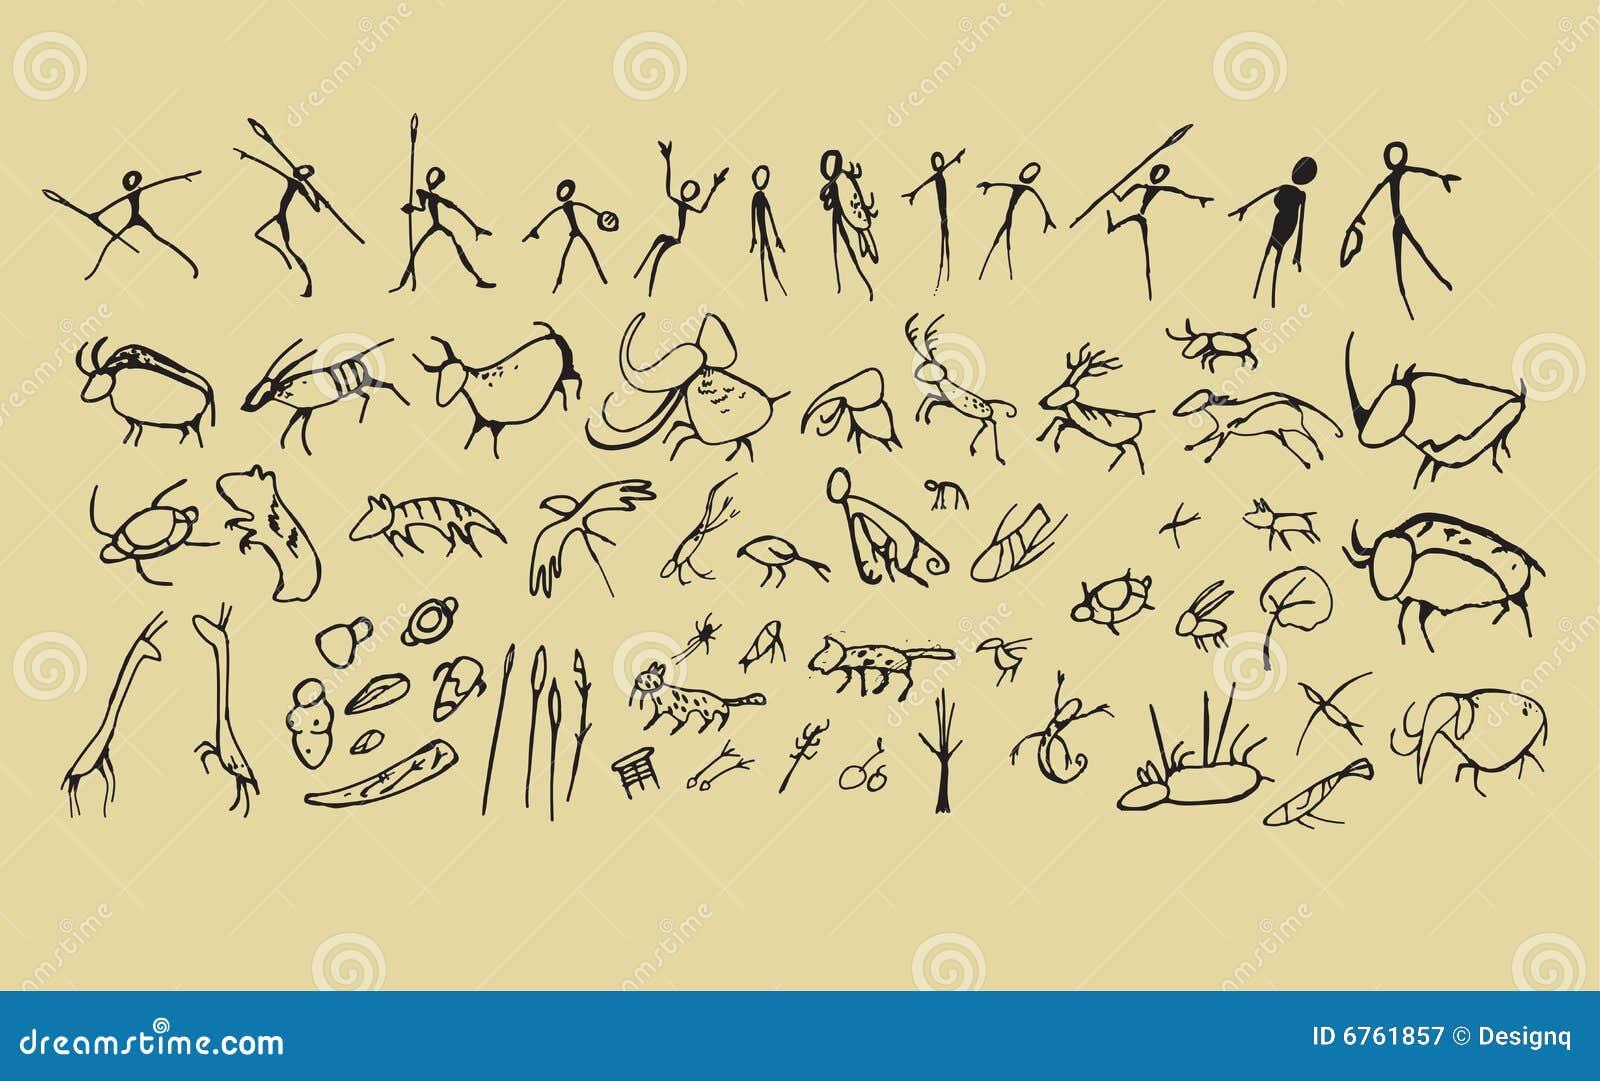 Caveman Art : Caveman art stock vector image of prehistoric graffiti